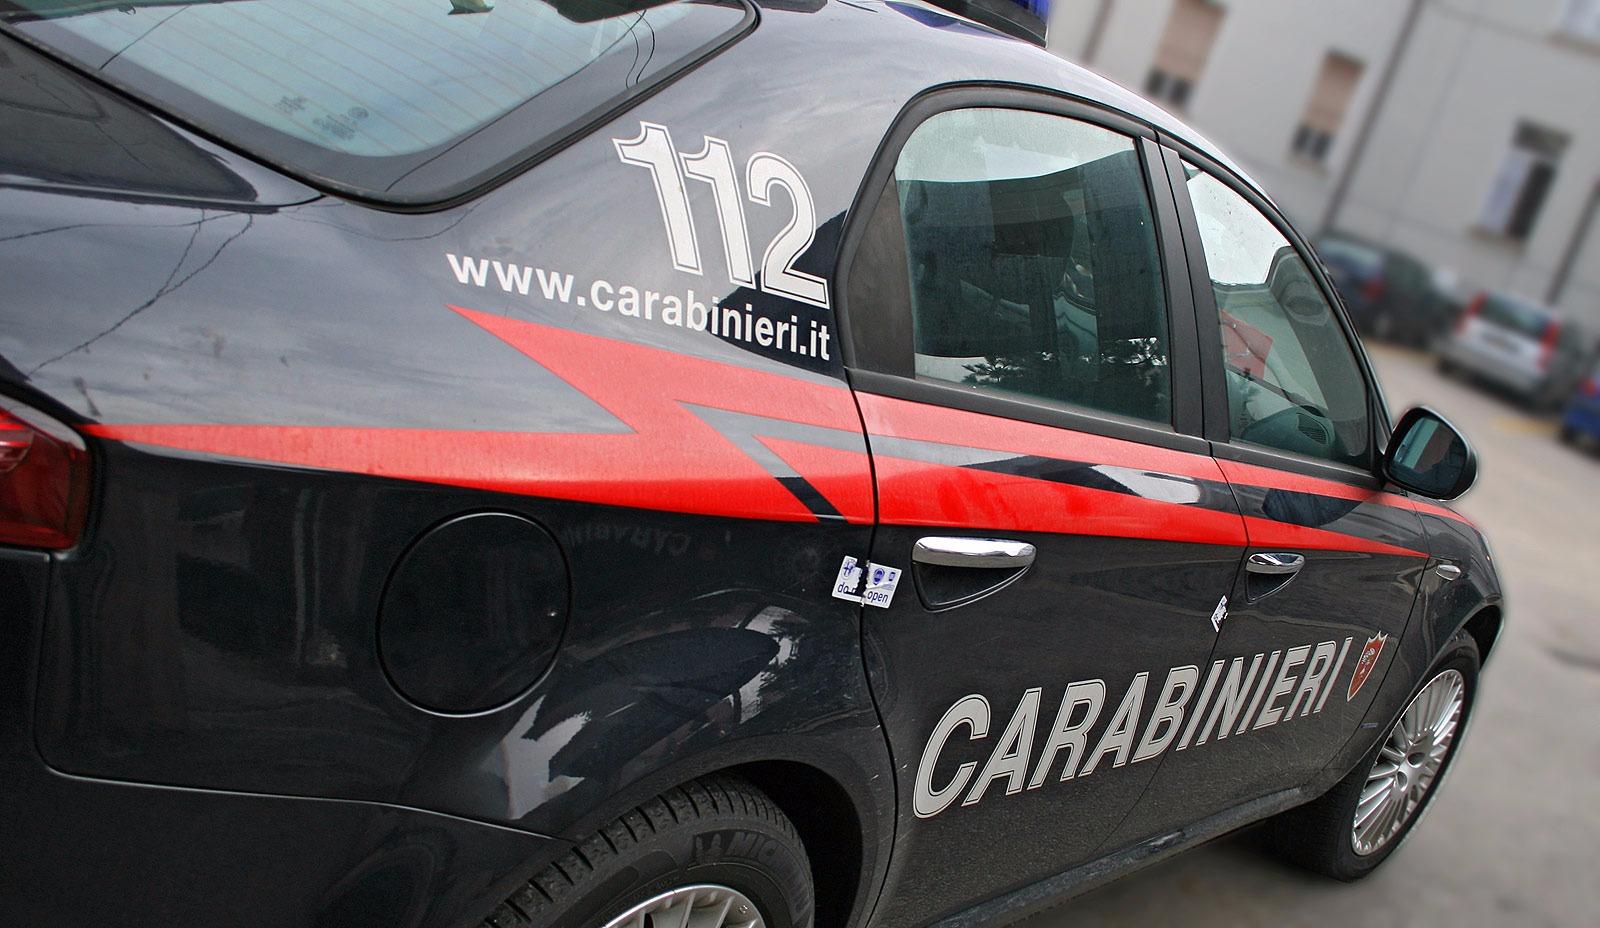 Tuscania, rubavano costose essenze in profumeria, denunciati due giovani